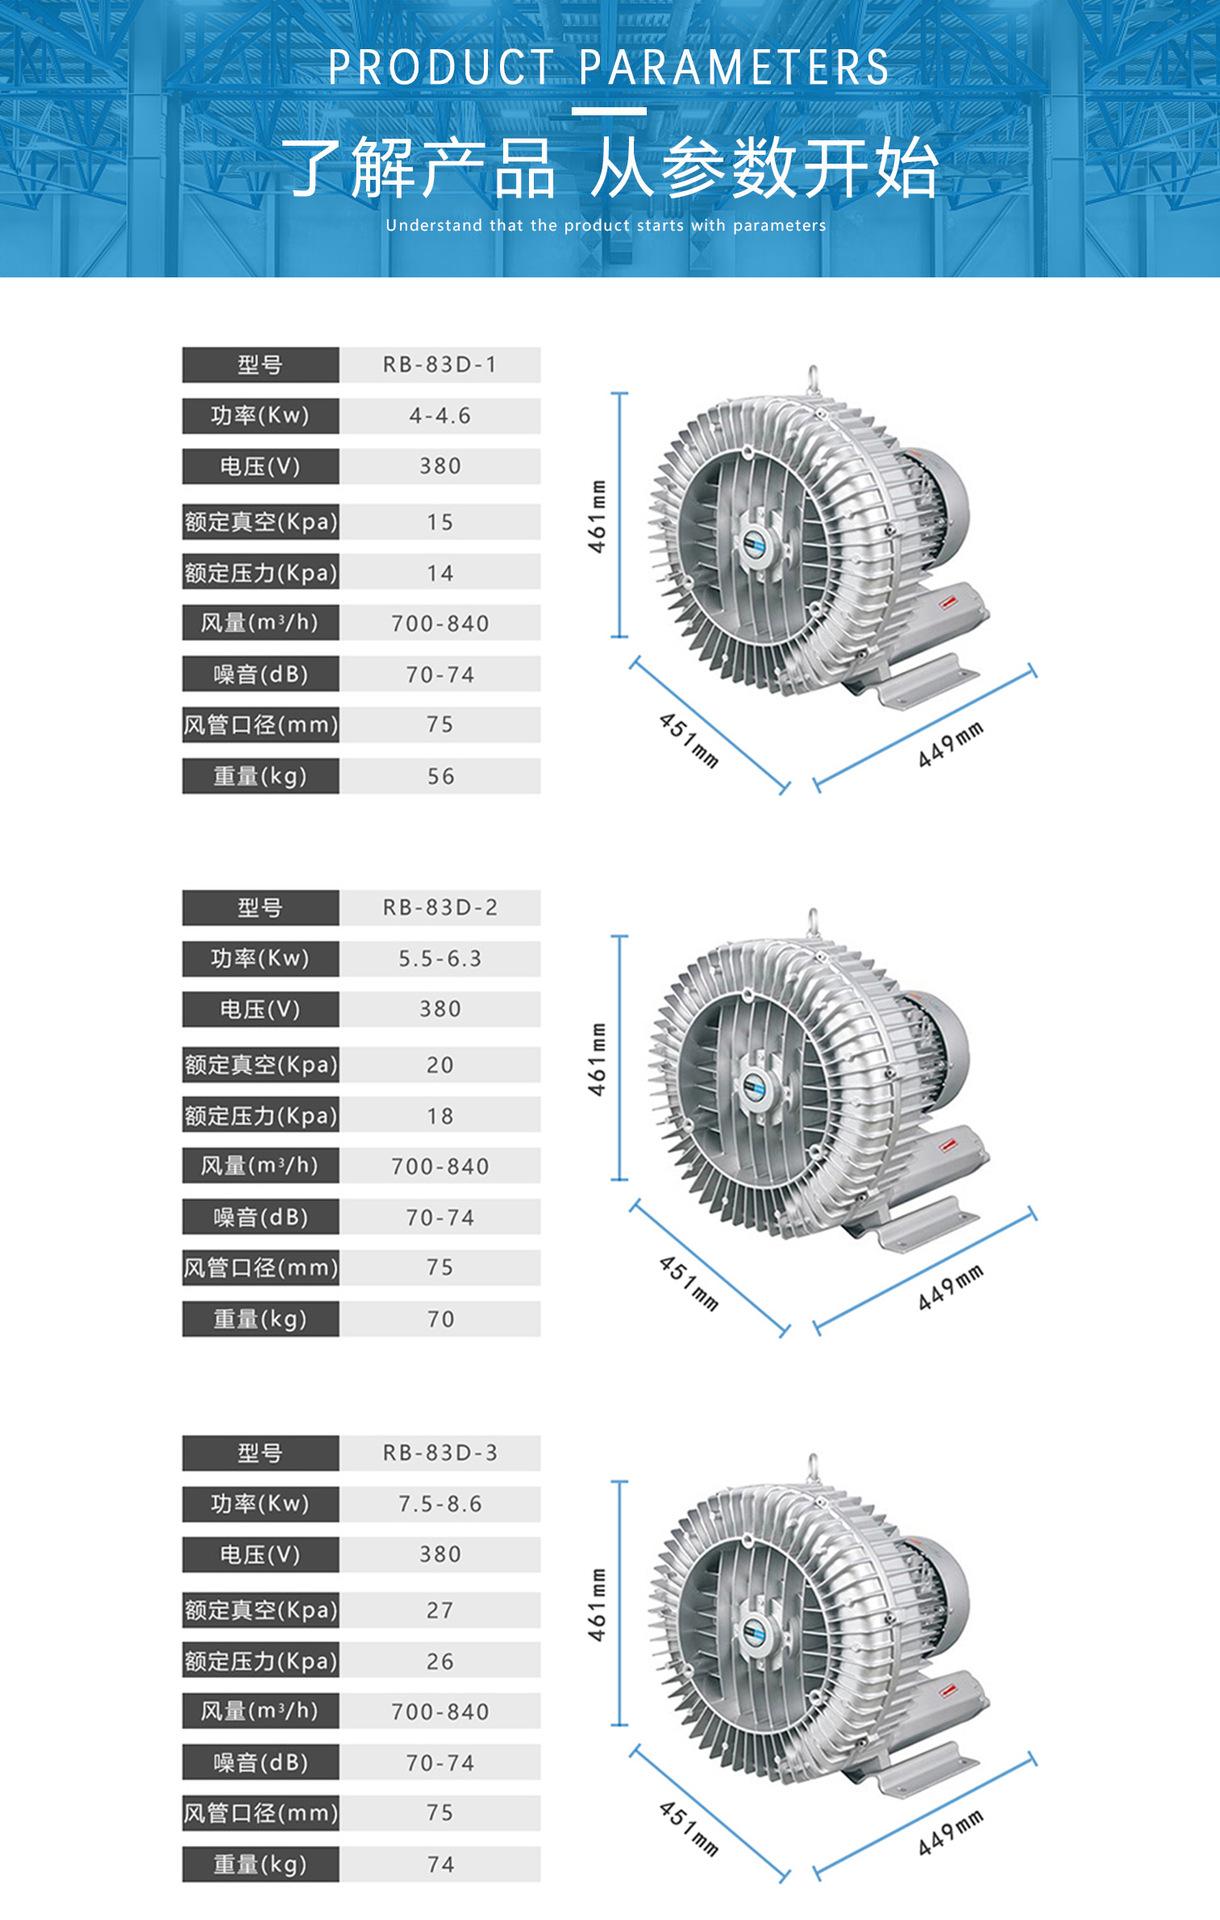 全风Twyx 厂家RB-73D-2 高压增氧吸吹两用高压旋涡鼓风机示例图4